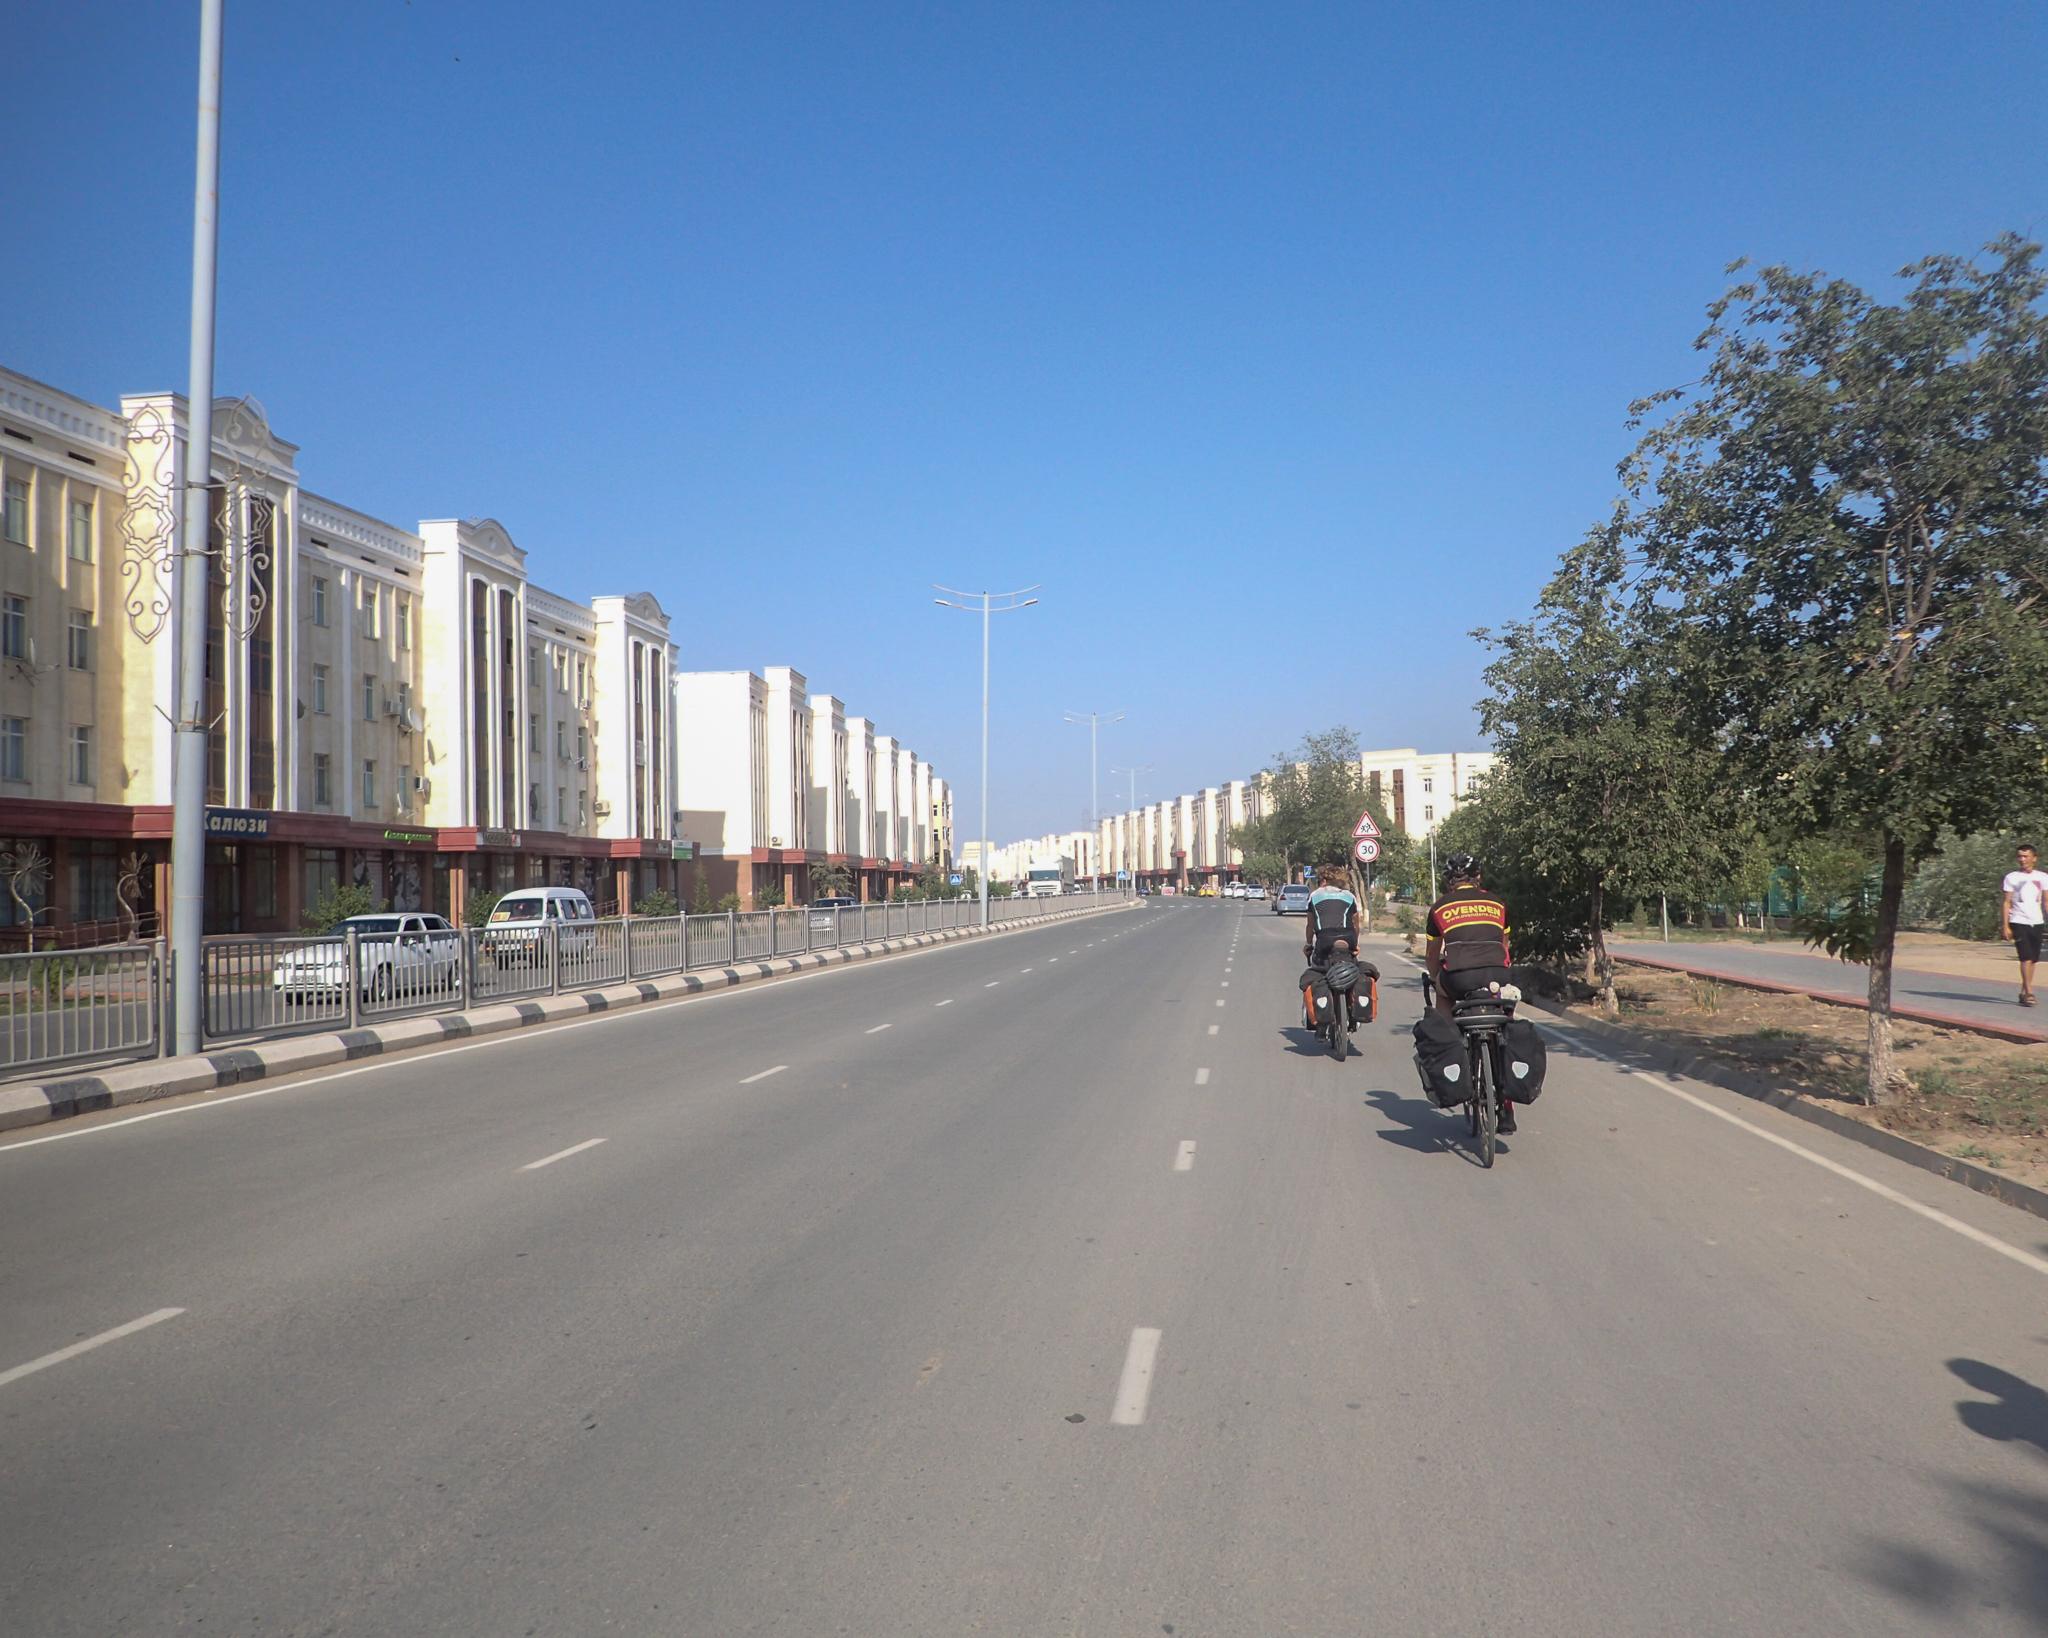 Arriving in Beruni